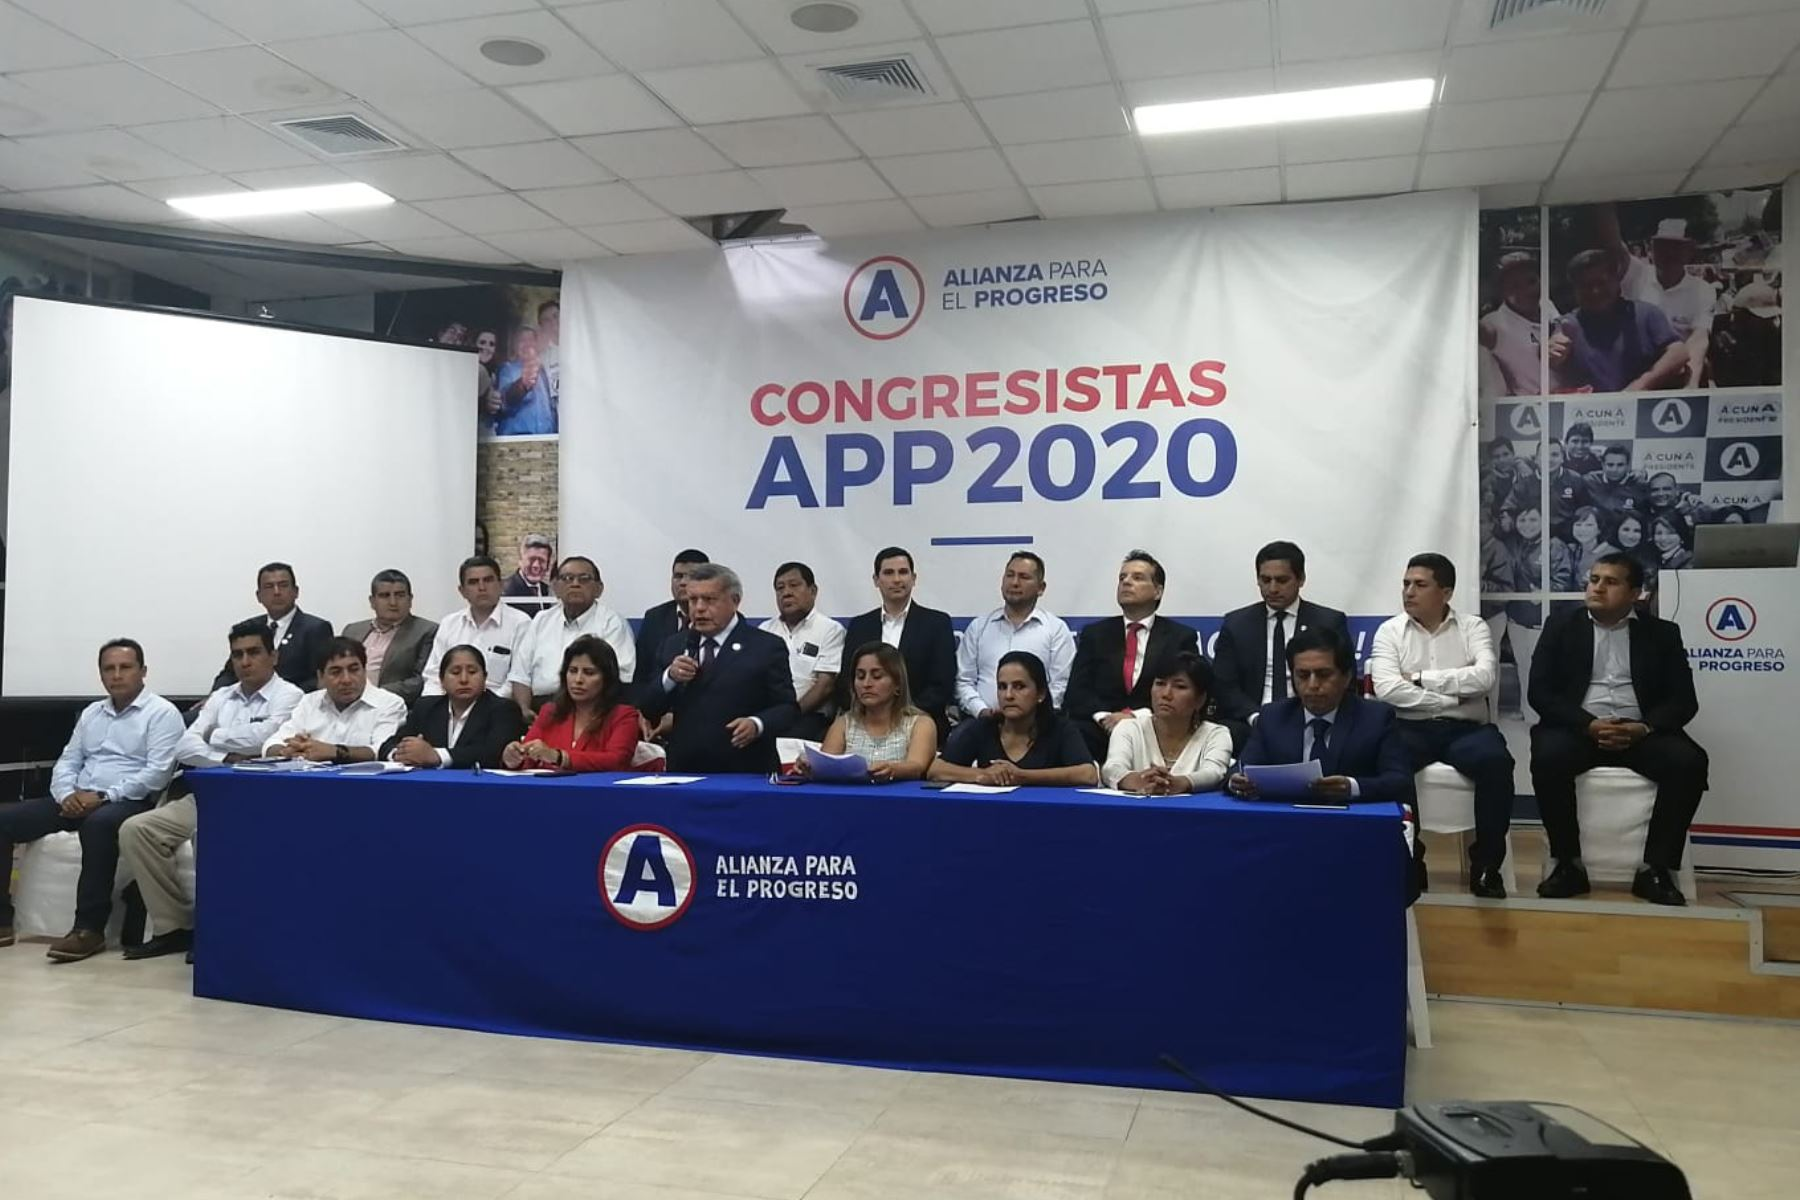 APP niega pedido de postergar elecciones y asegura respeto a cronograma electoral | Noticias